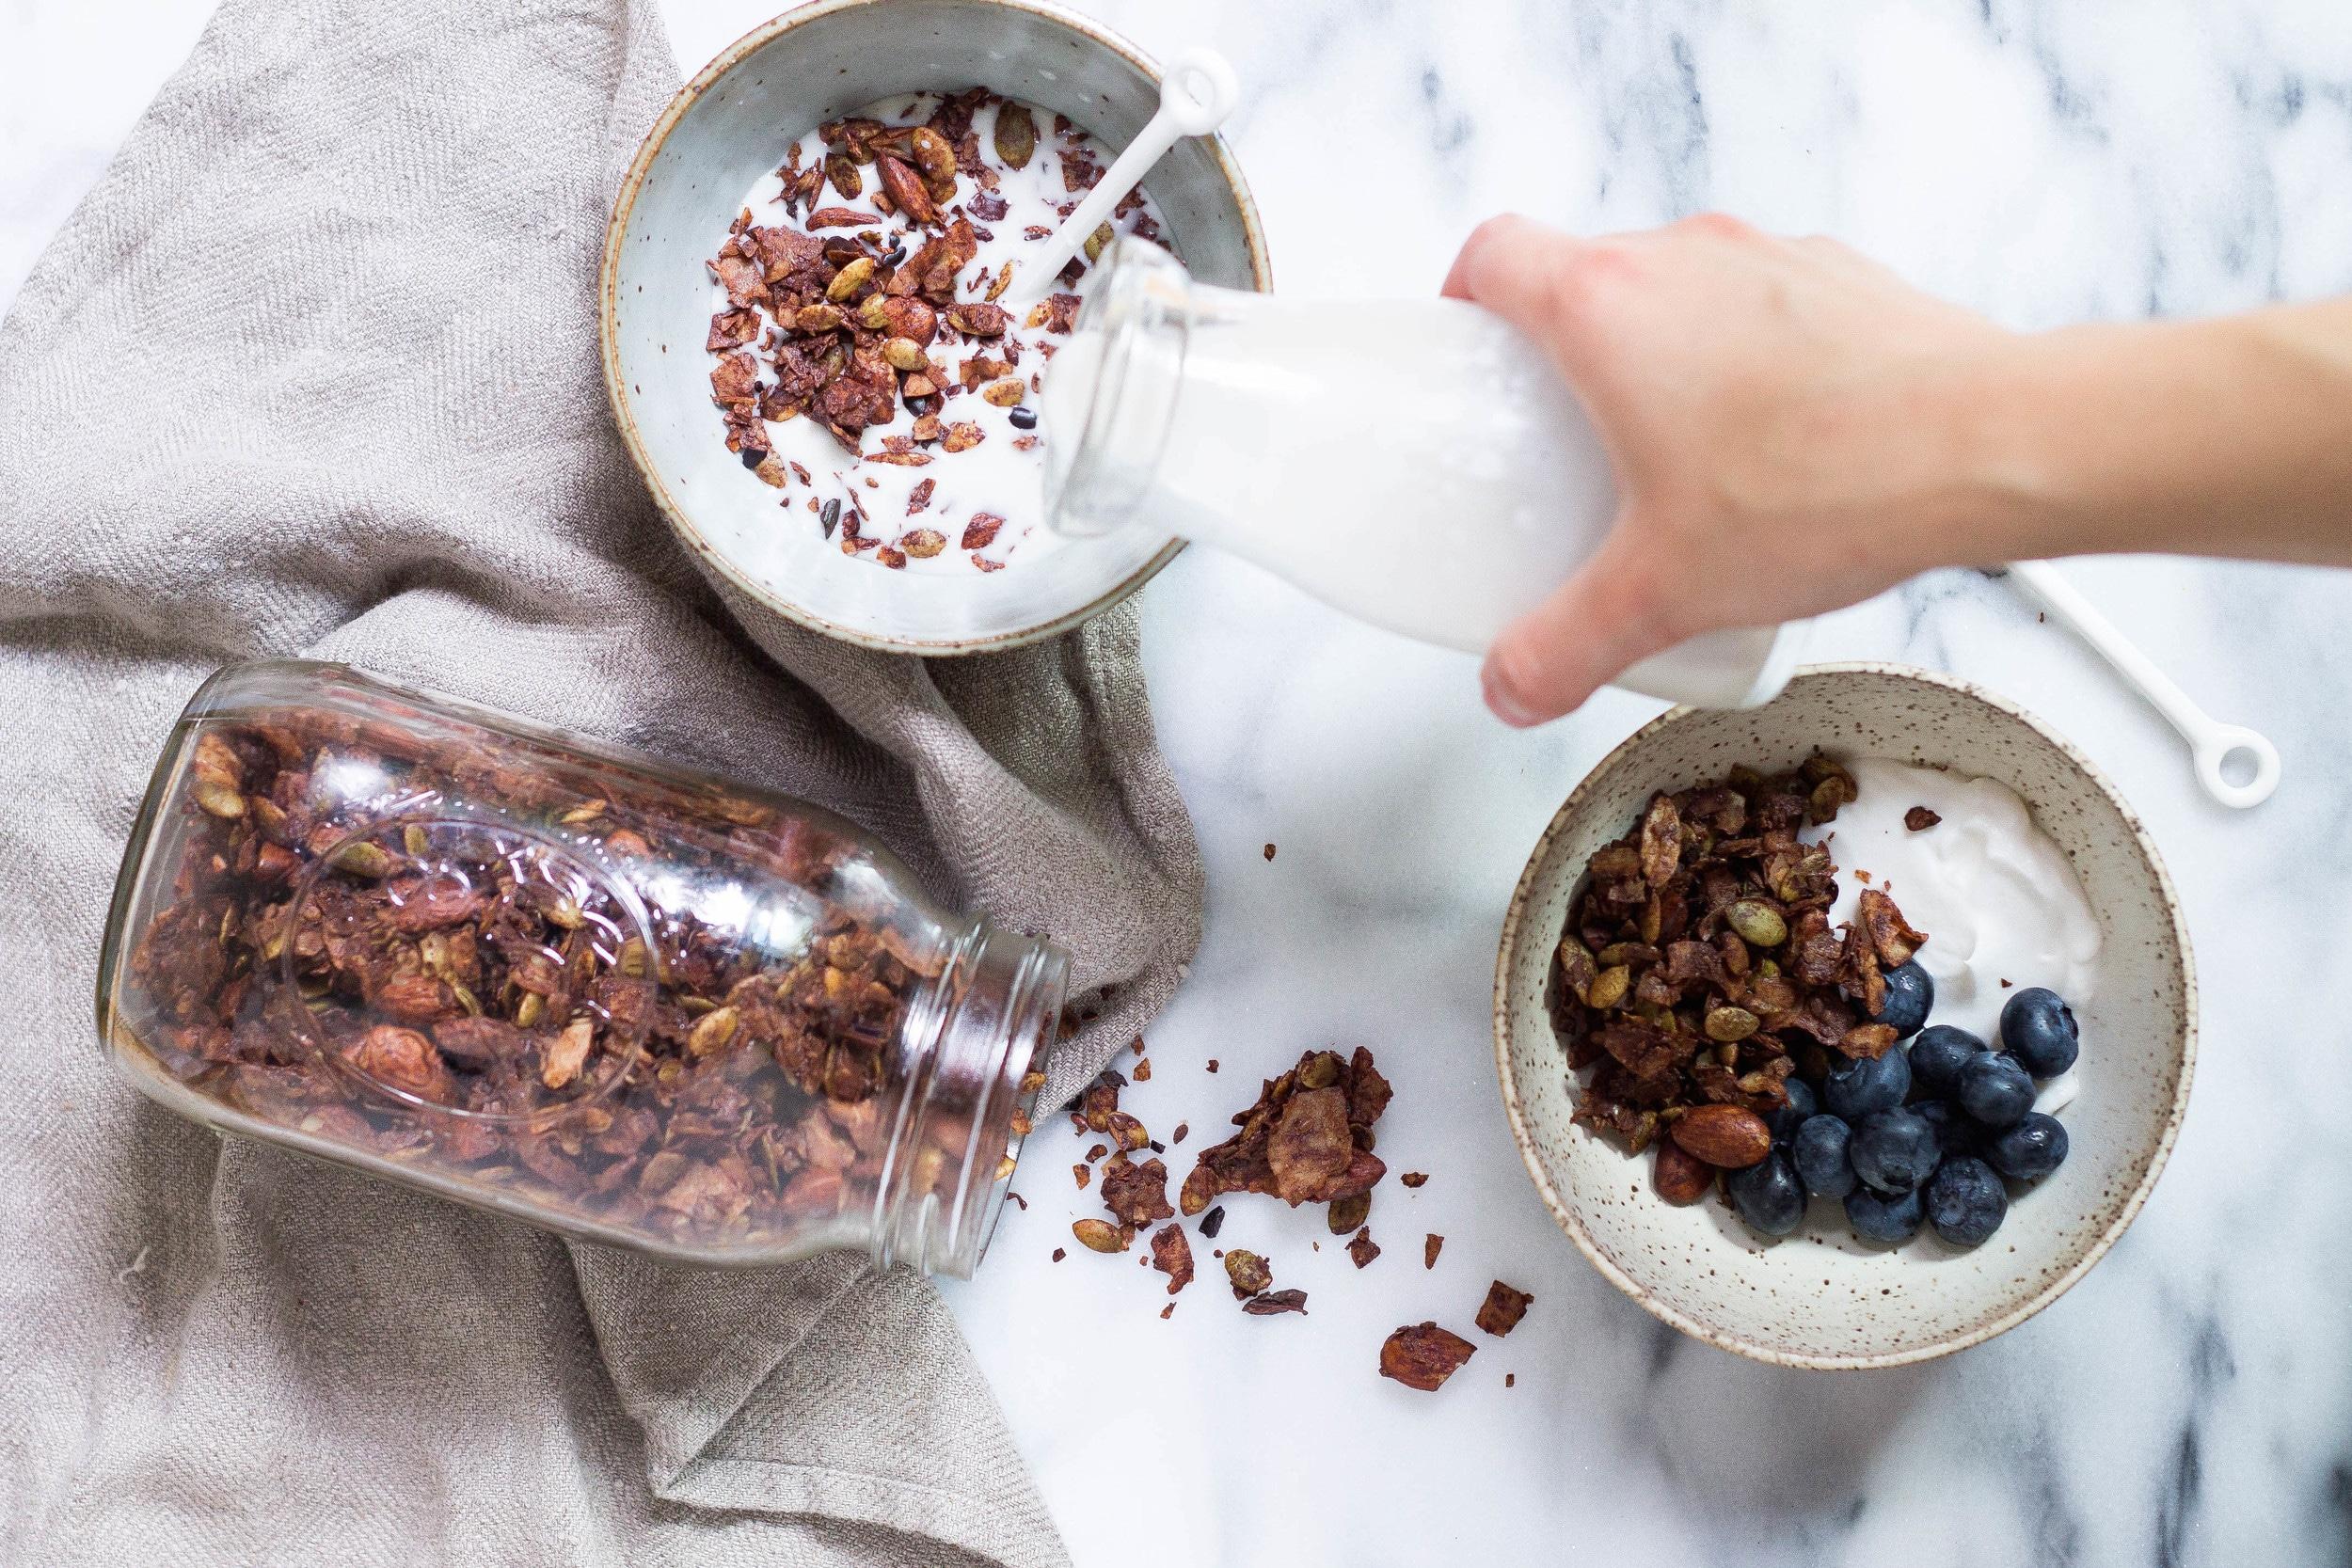 Grain-free Cocoa Granola (No added sugar, Gluten-free, Paleo, Low-carb)